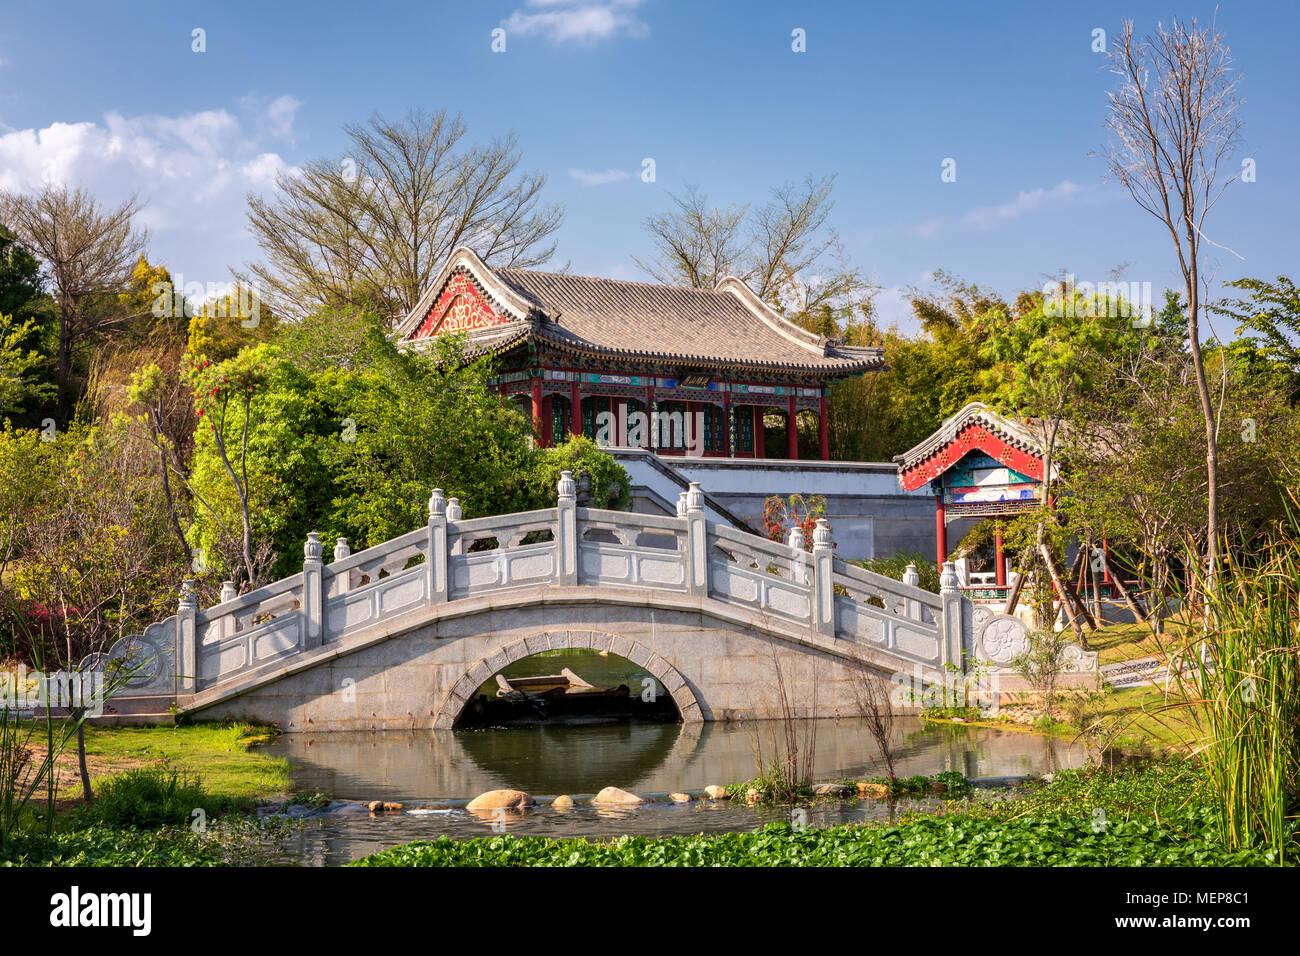 Chinese Temple, The Xiamen International Garden & Flower Expo Park, Jimei District, Xiamen, Fujian, China Stock Photo